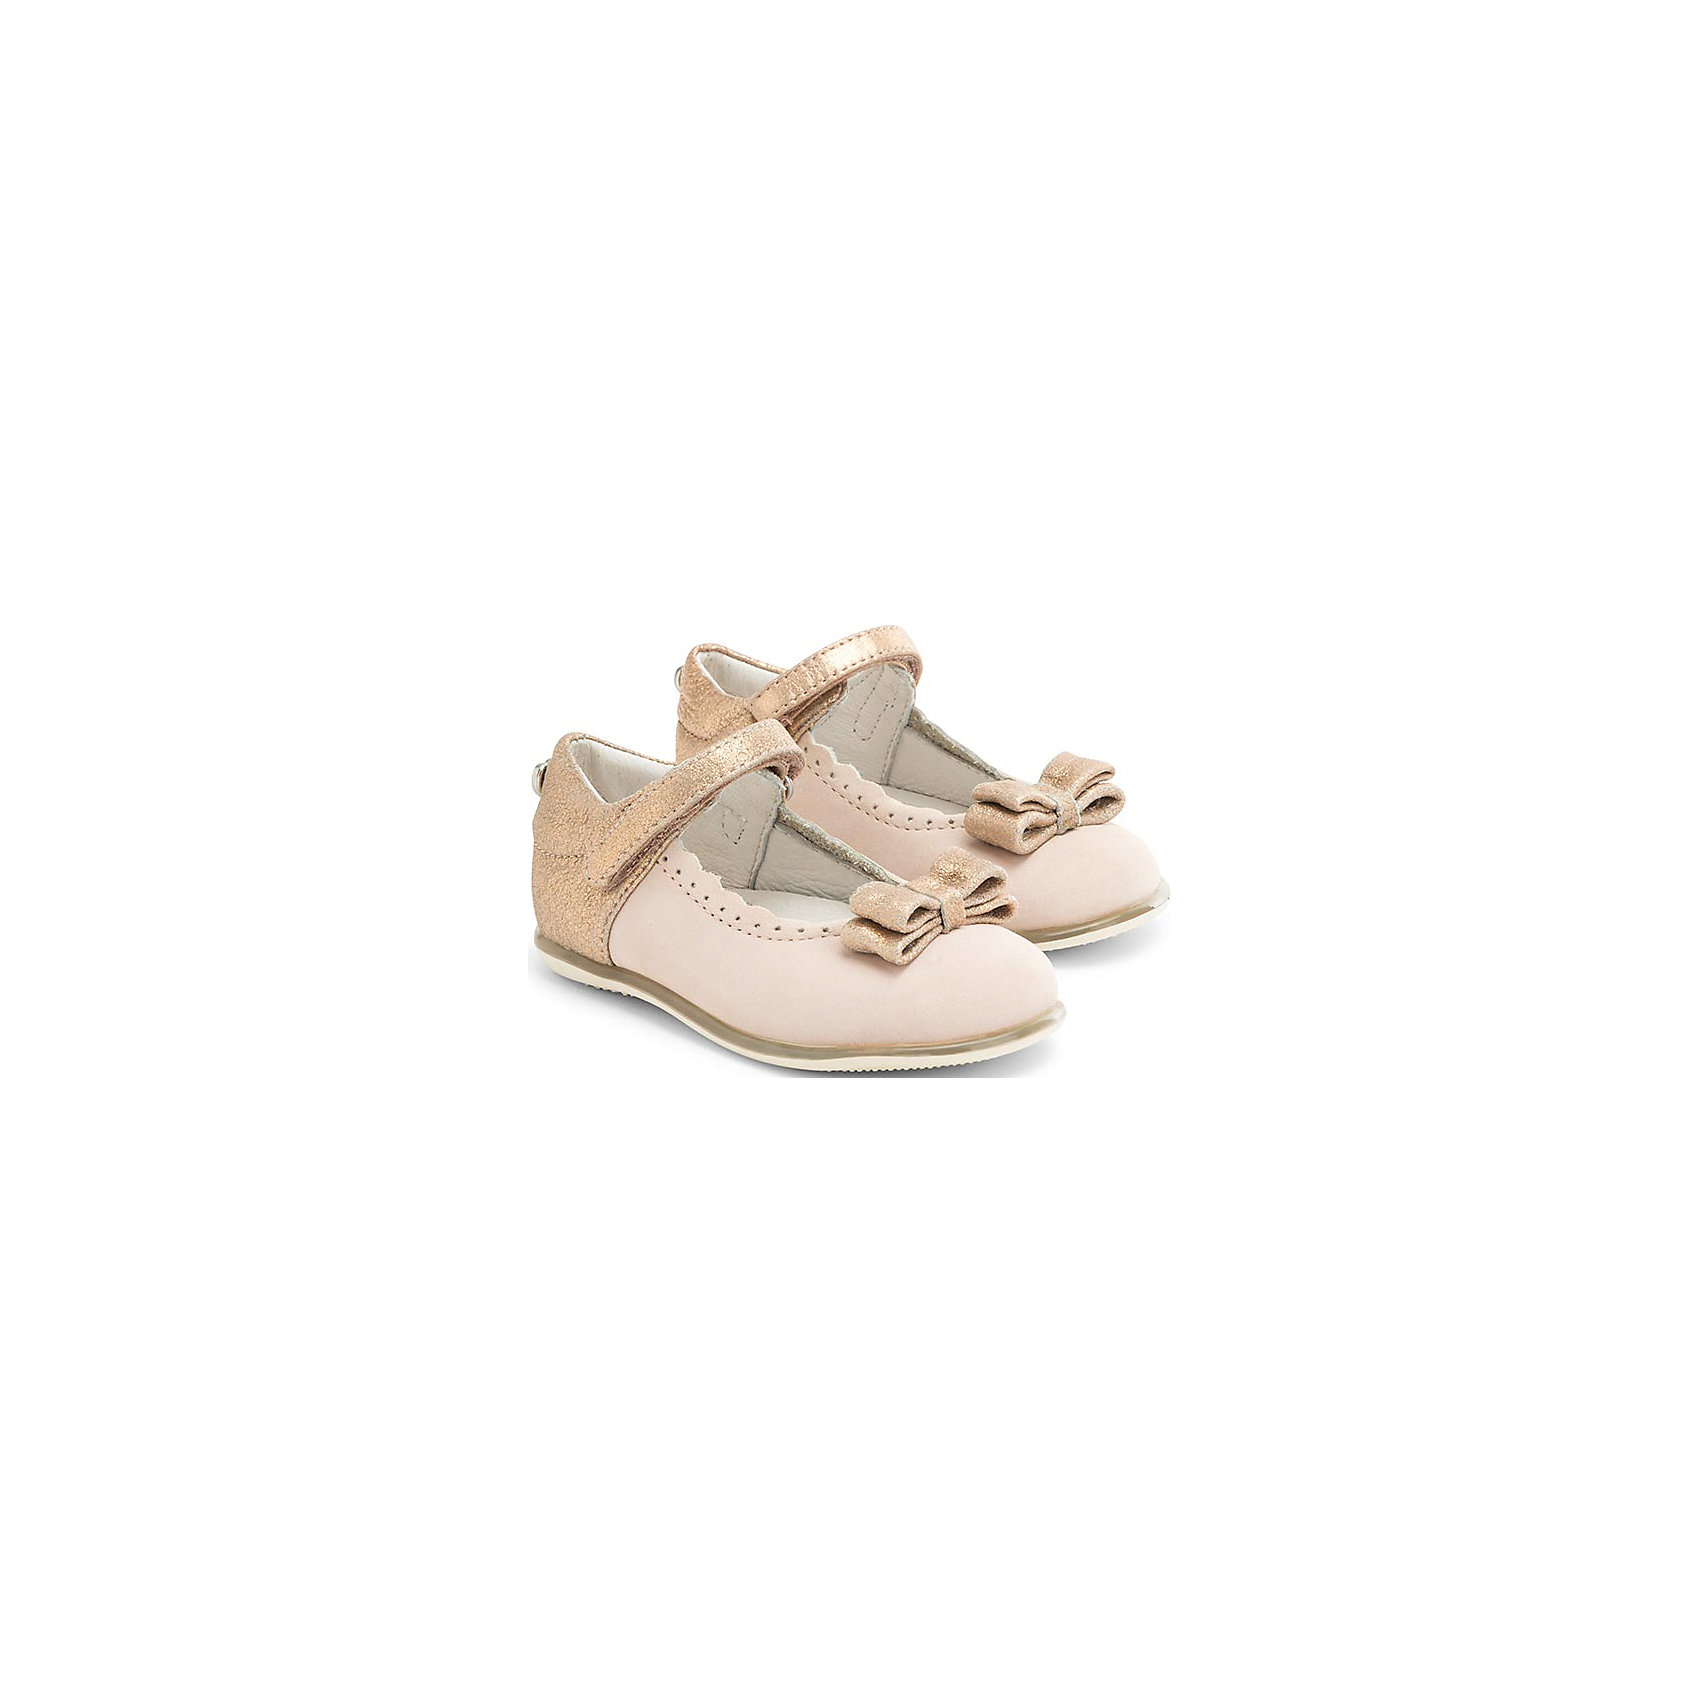 Туфли для девочки MayoralСтильные туфли от известной испанской марки Mayoral приведут в восторг всех юных модниц! <br><br>Дополнительная информация:<br><br>- Стильный дизайн. <br>- Рифленая подошва.<br>- Застегиваются на липучку.<br>- Вставки и серебряной кожи на ремешке и пятке.<br>- Украшены бантиком и металлическим сердцем. <br>- Декоративная перфорация. <br>- Состав: материал верха - 55% кожа, 45% замша; подкладка, стелька -  100% кожа; подошва - 100% синтетический материал. <br><br>Туфли Mayoral (Майорал) можно купить в нашем магазине.<br><br>Ширина мм: 227<br>Глубина мм: 145<br>Высота мм: 124<br>Вес г: 325<br>Цвет: желтый<br>Возраст от месяцев: 12<br>Возраст до месяцев: 15<br>Пол: Женский<br>Возраст: Детский<br>Размер: 21,24,27,25,22,26,23<br>SKU: 4539357